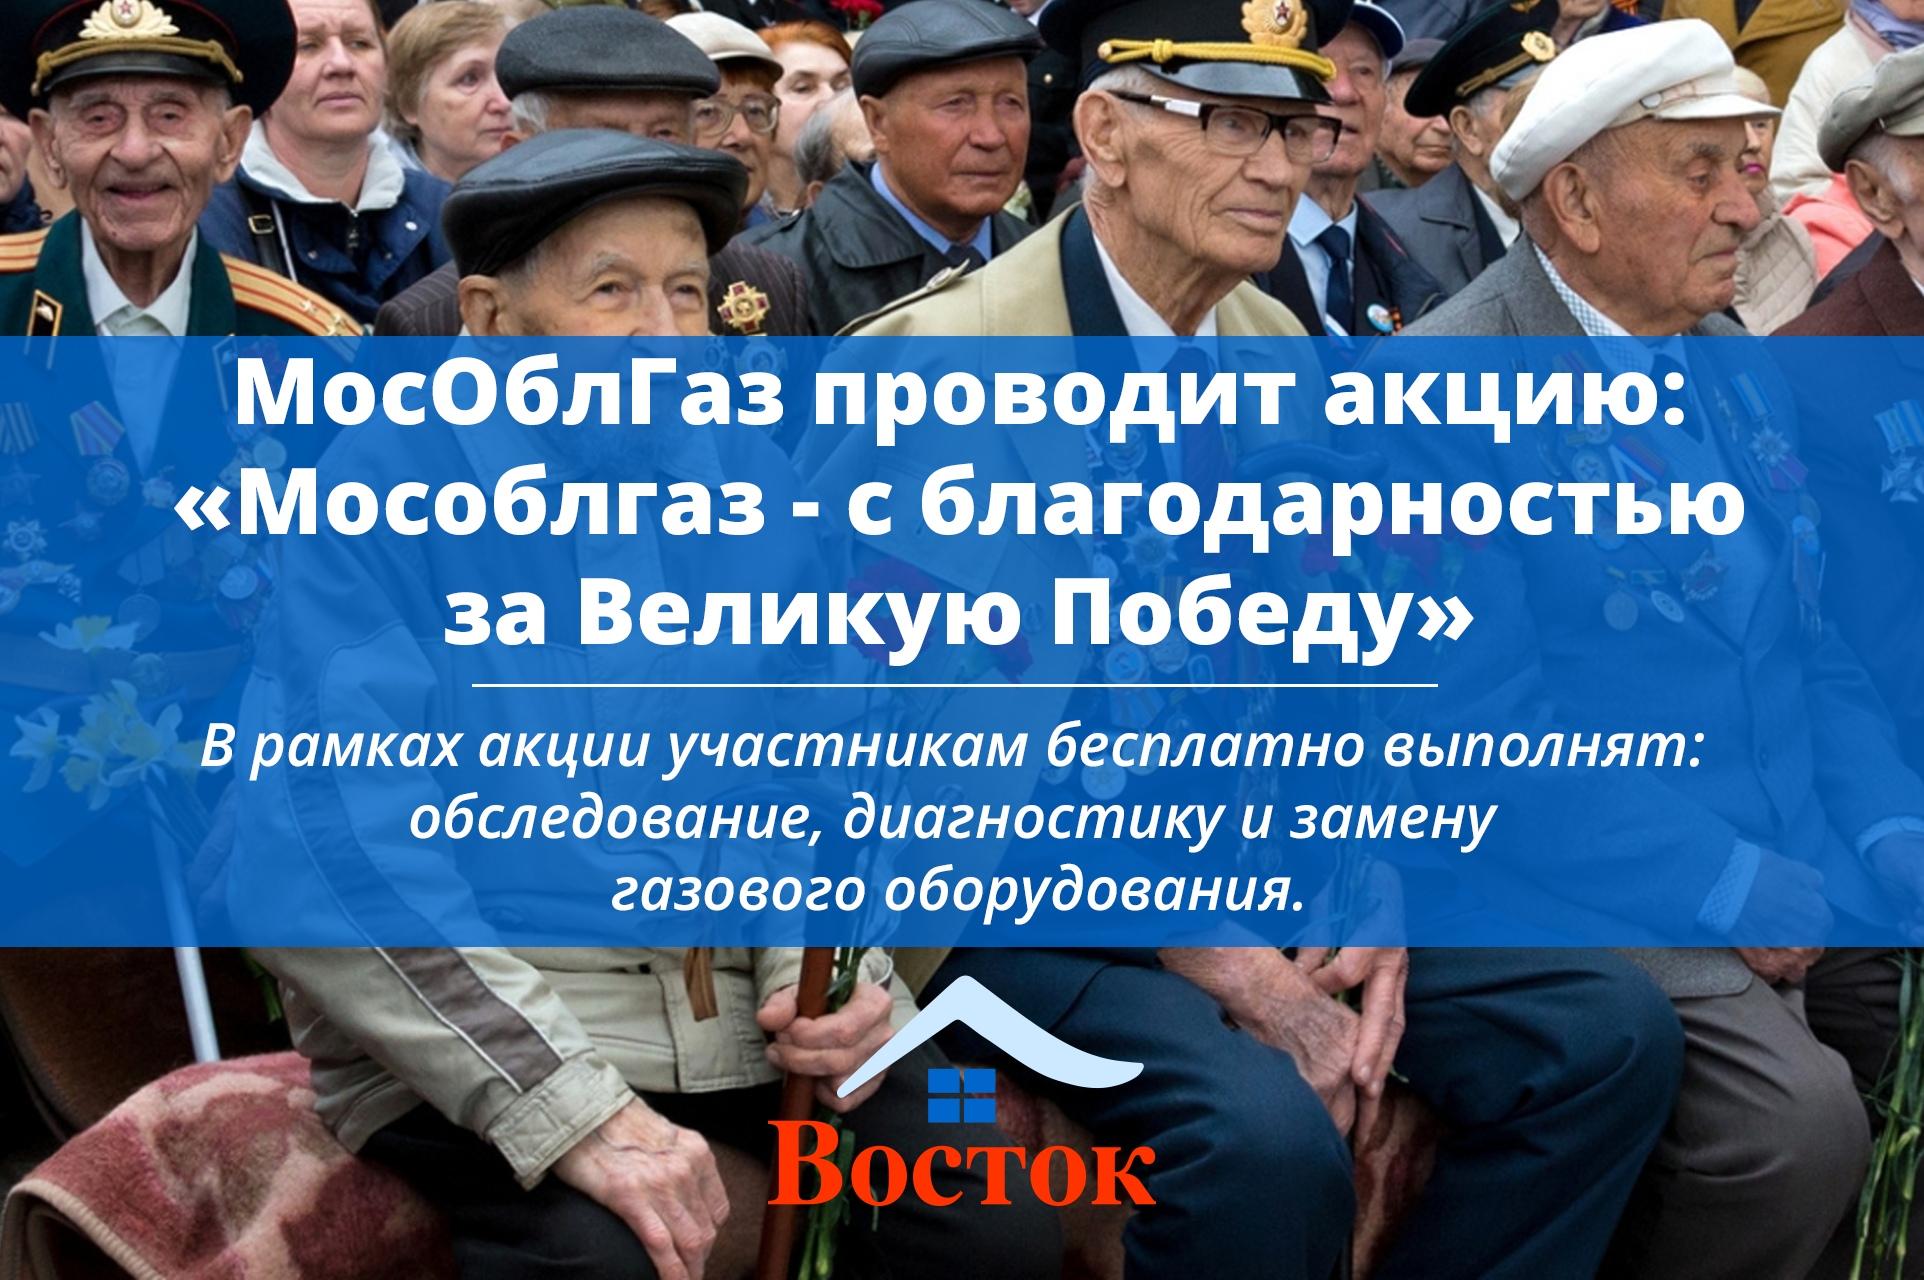 Акция «Мособлгаз - с благодарностью за Великую Победу»